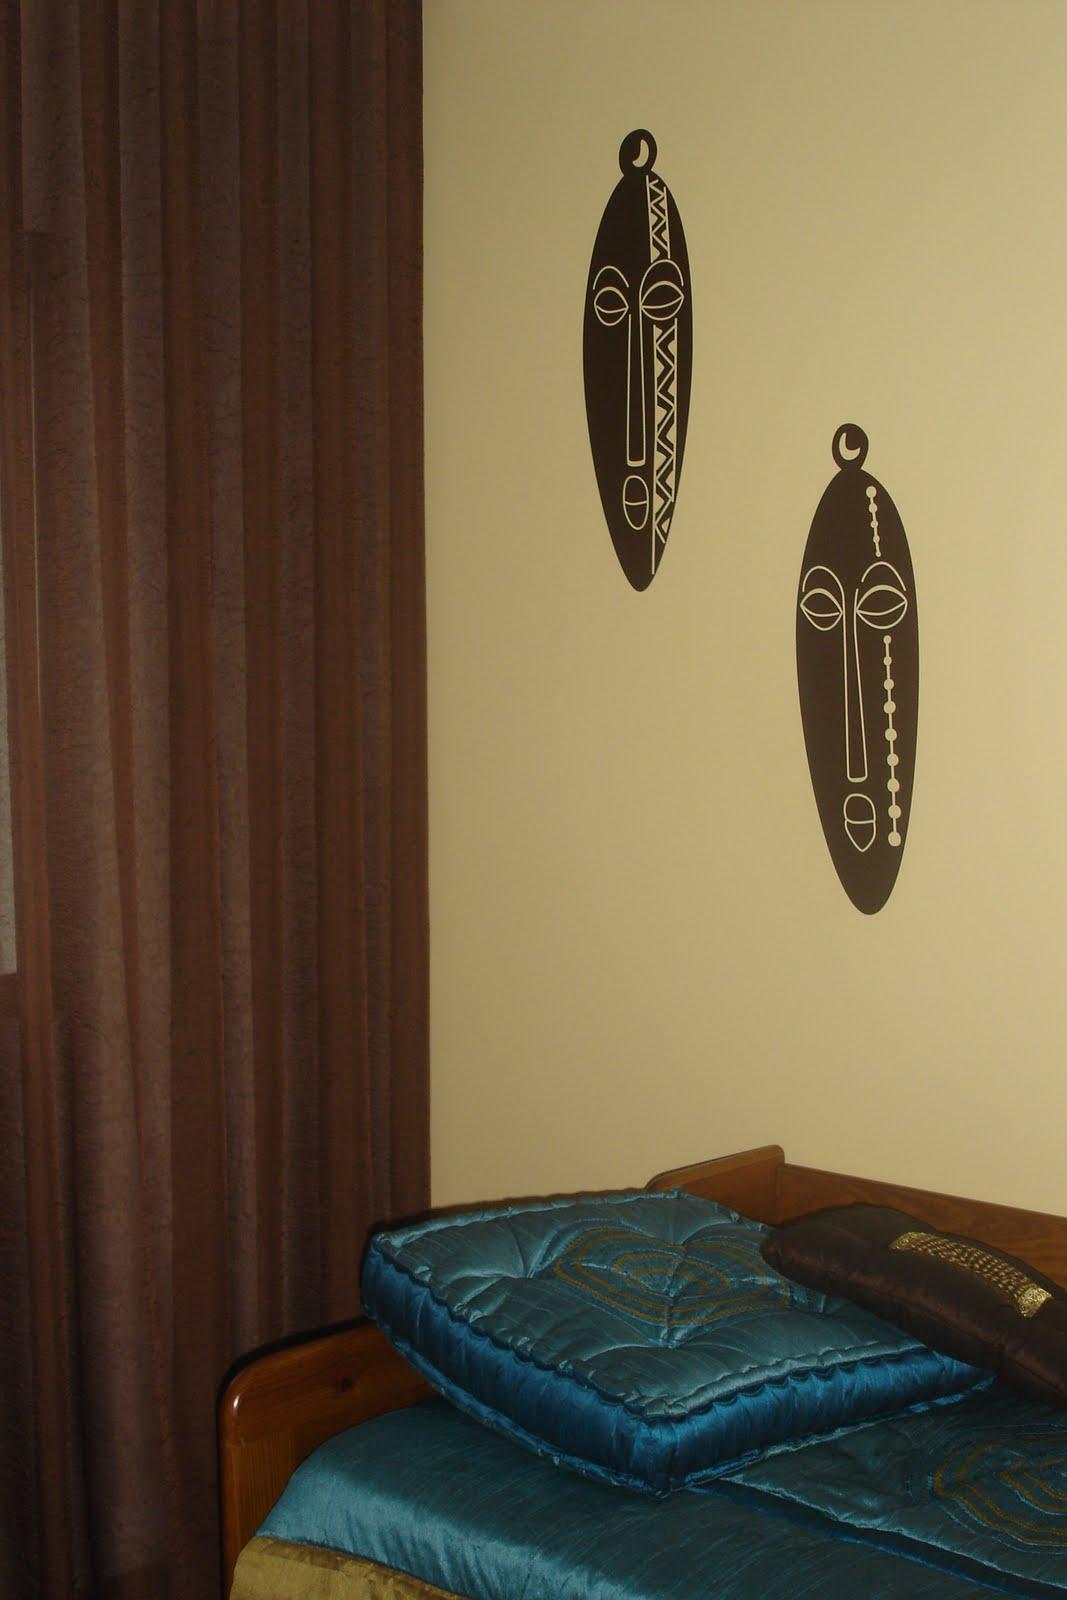 lojas de decoracao de interiores em leiria : lojas de decoracao de interiores em leiria:de hóspedes em estilo étnico aplicação de stickers de máscaras em